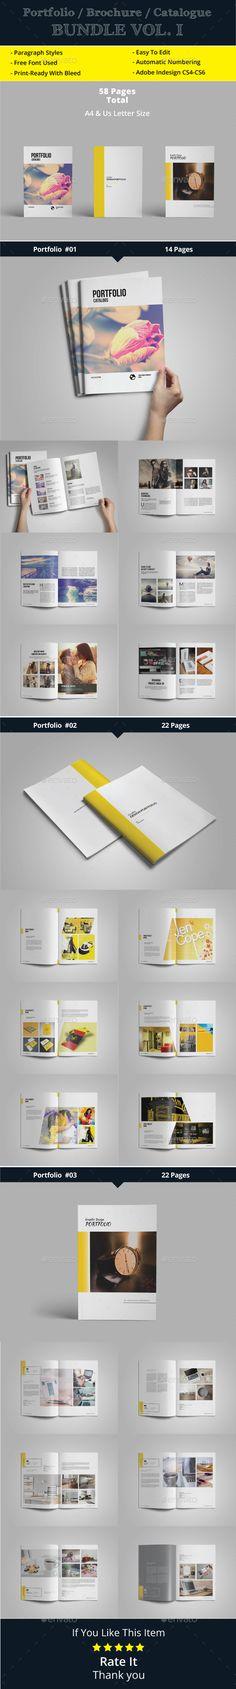 Portfolio / Catalogue / Brochure Bundle Vol. 1  — InDesign Template #minimal #interior design • Download ➝ https://graphicriver.net/item/portfolio-catalogue-brochure-bundle-vol-1/18329647?ref=pxcr